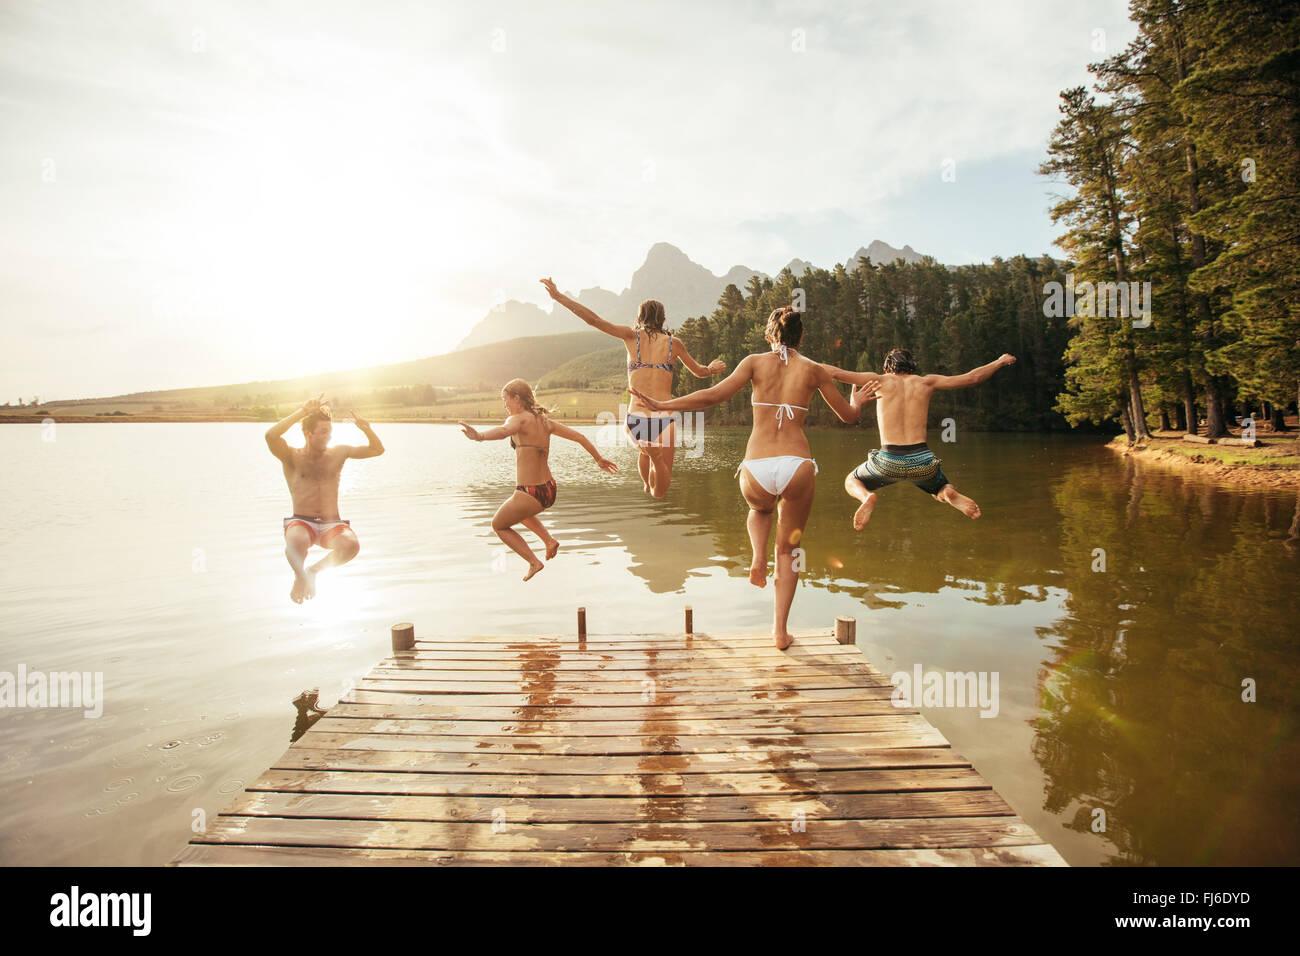 Portrait de jeunes amis de sauter dans l'eau d'une jetée. Les jeunes s'amuser au bord du lac sur Photo Stock